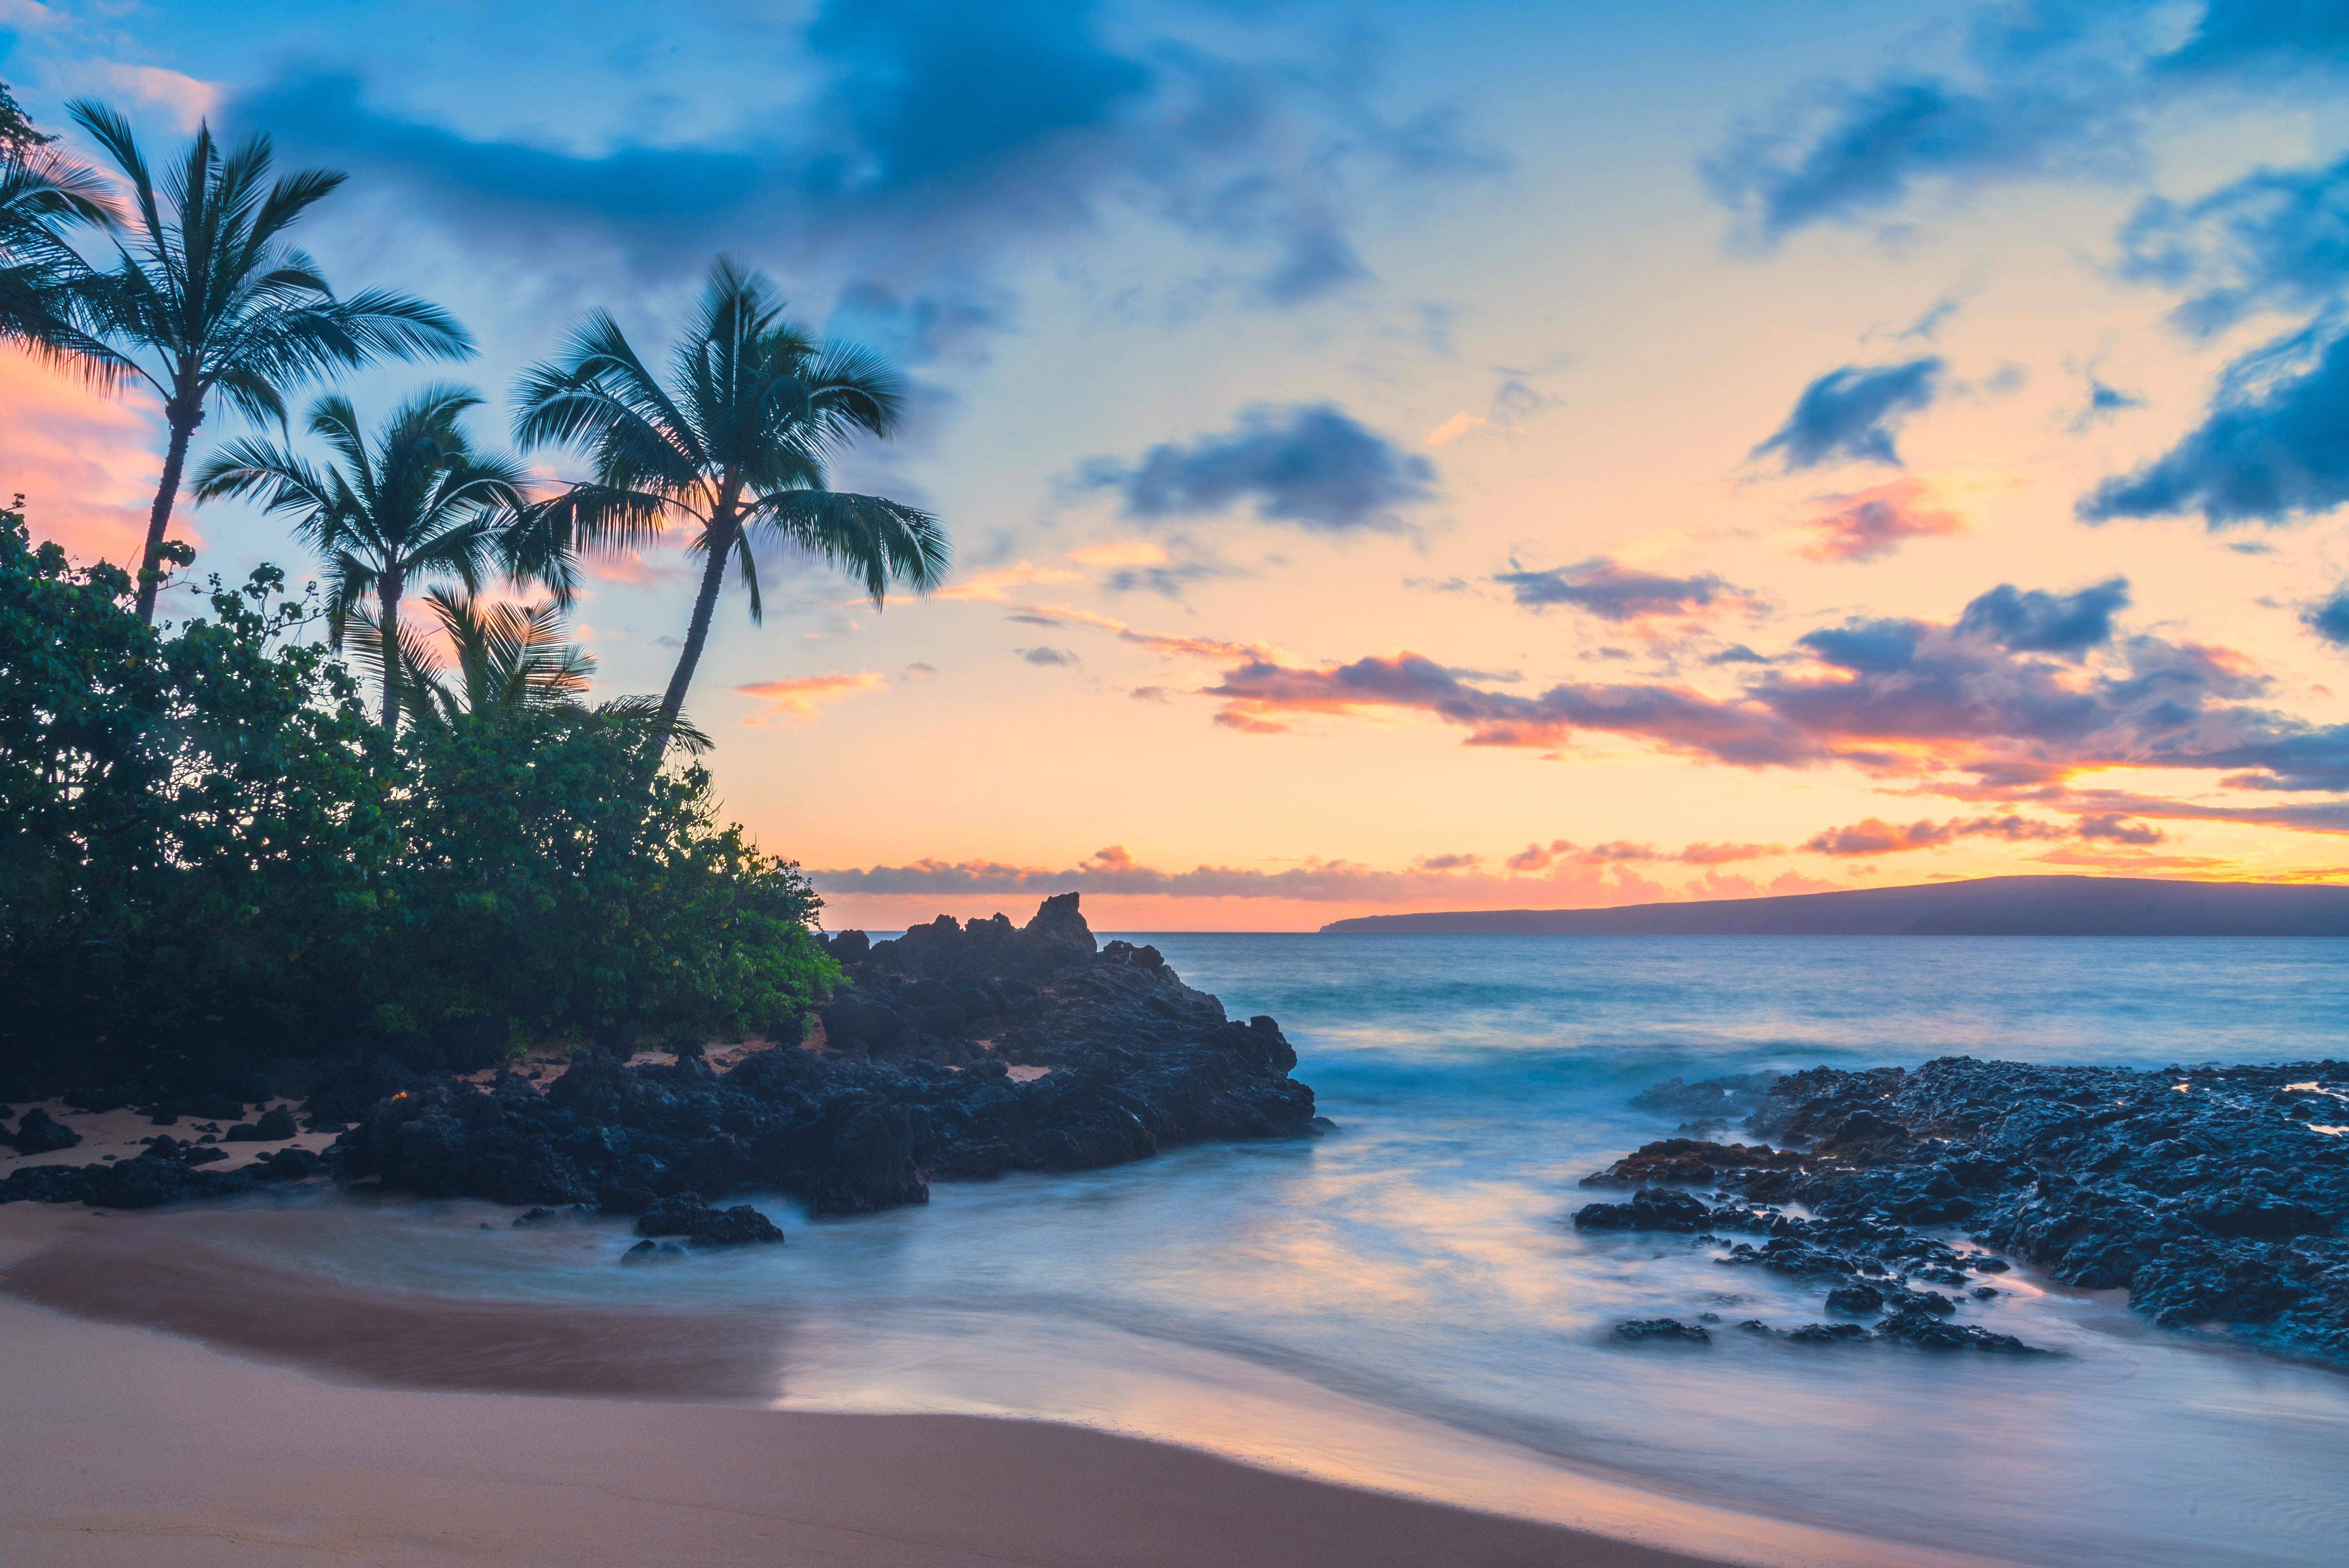 мауї пляж захід сонця